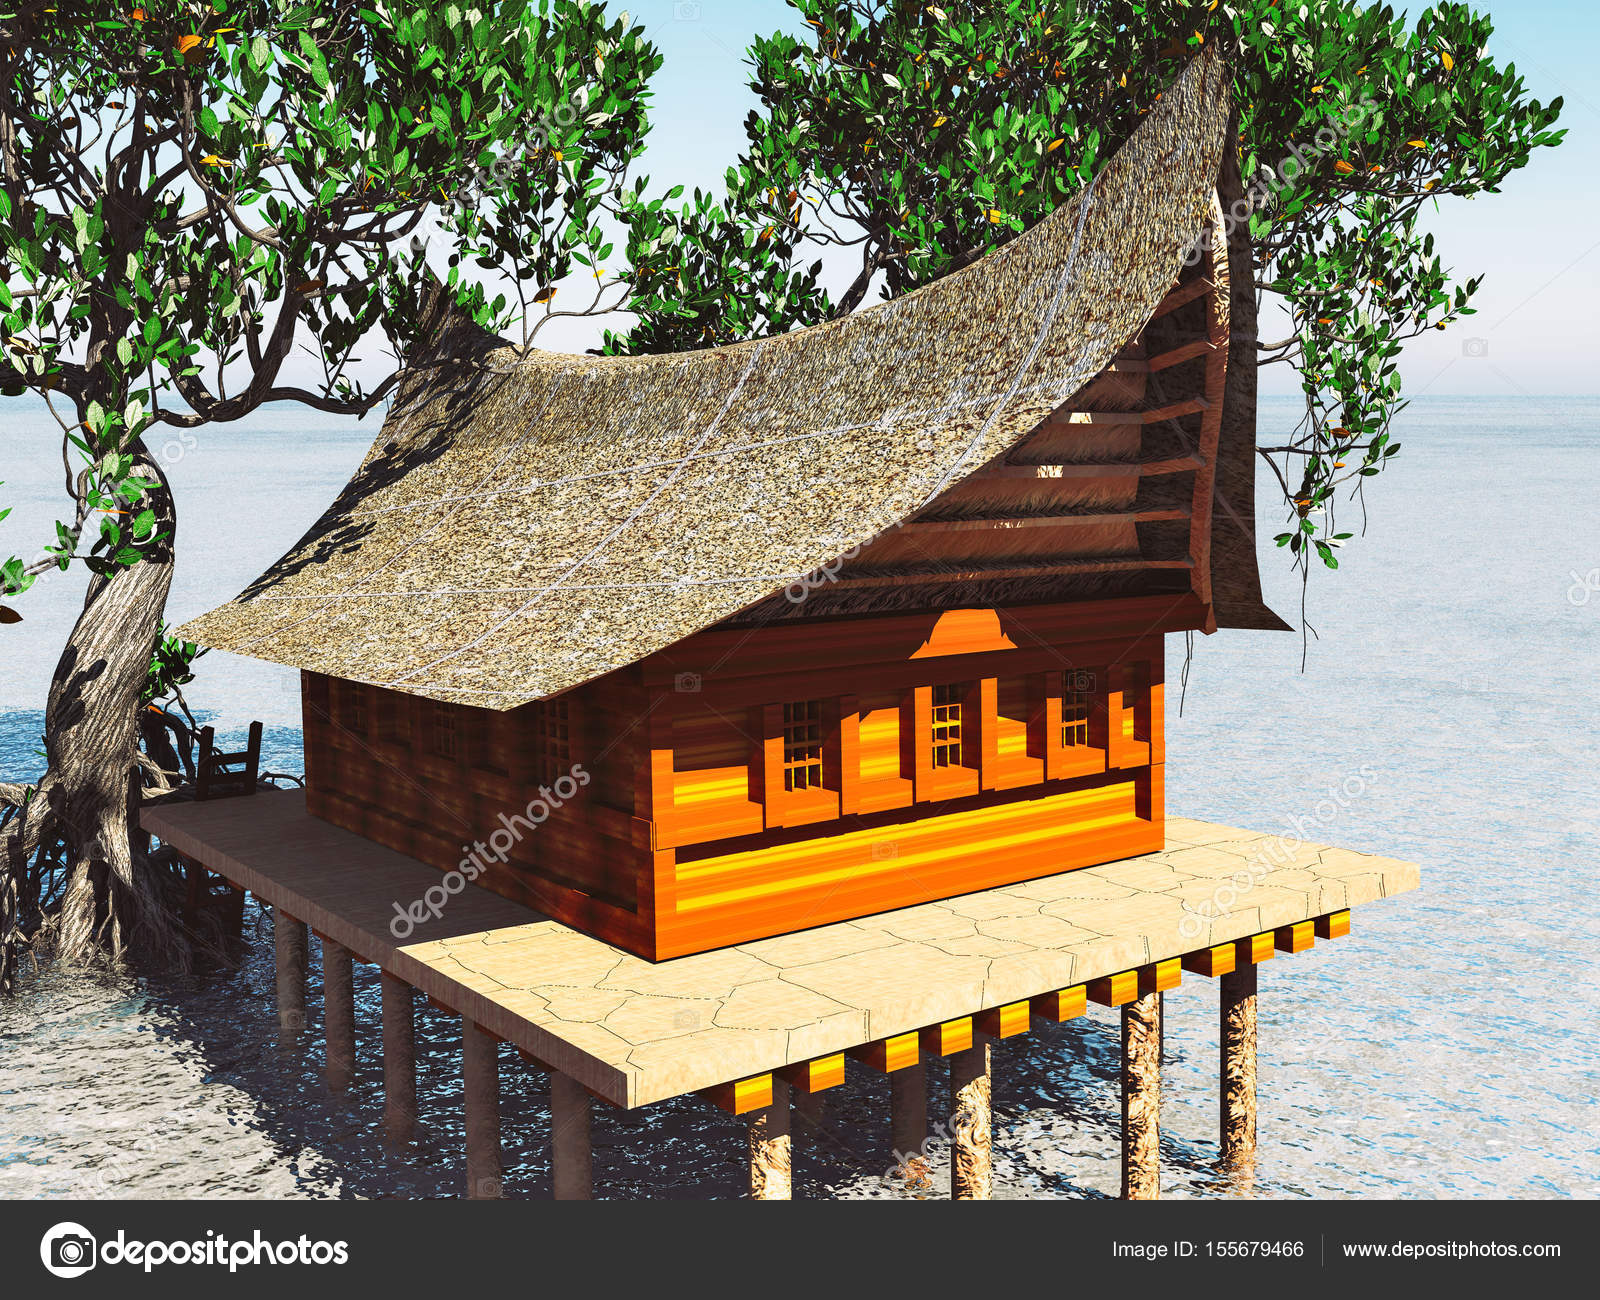 Brilliant Haus Auf Stelzen Dekoration Von In Den Mangrovenwald. Strand Architektur 3d-rendering —